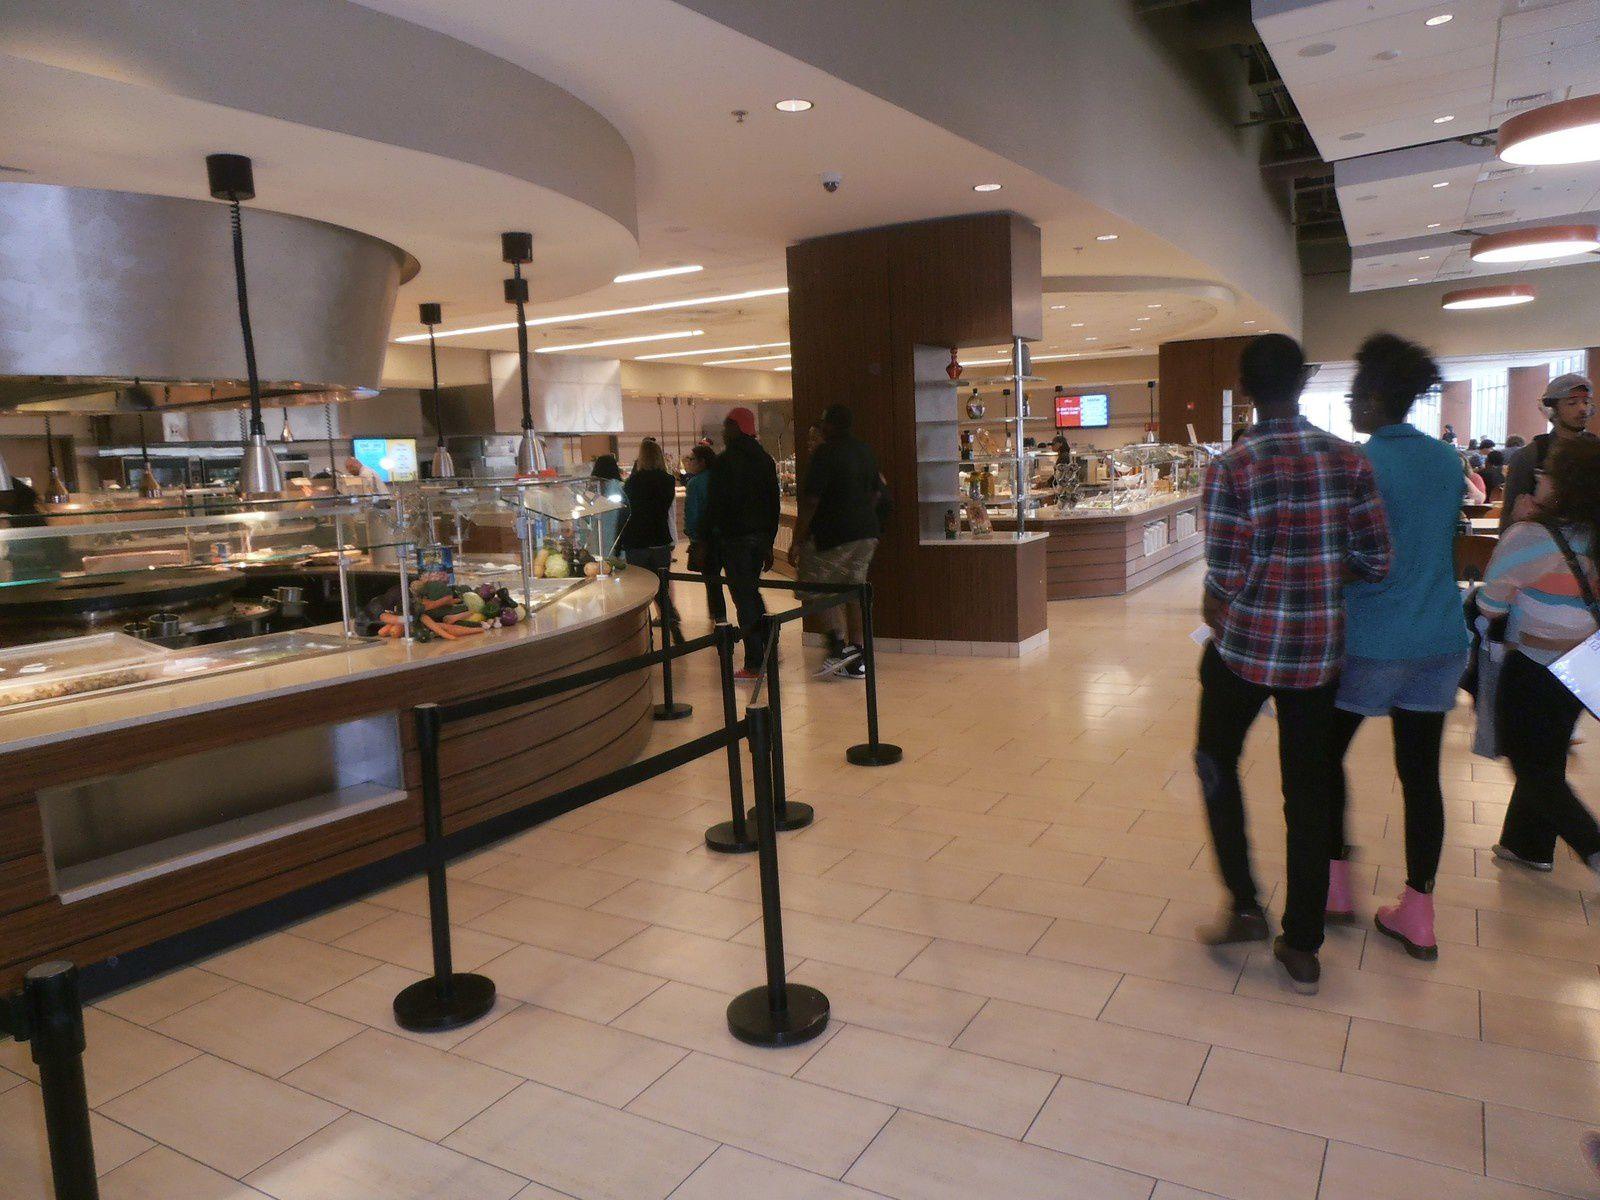 Deux restaurants sont à disposition dont le dernier-né (automne 2013) qui fonctionne 24 heures sur 24.